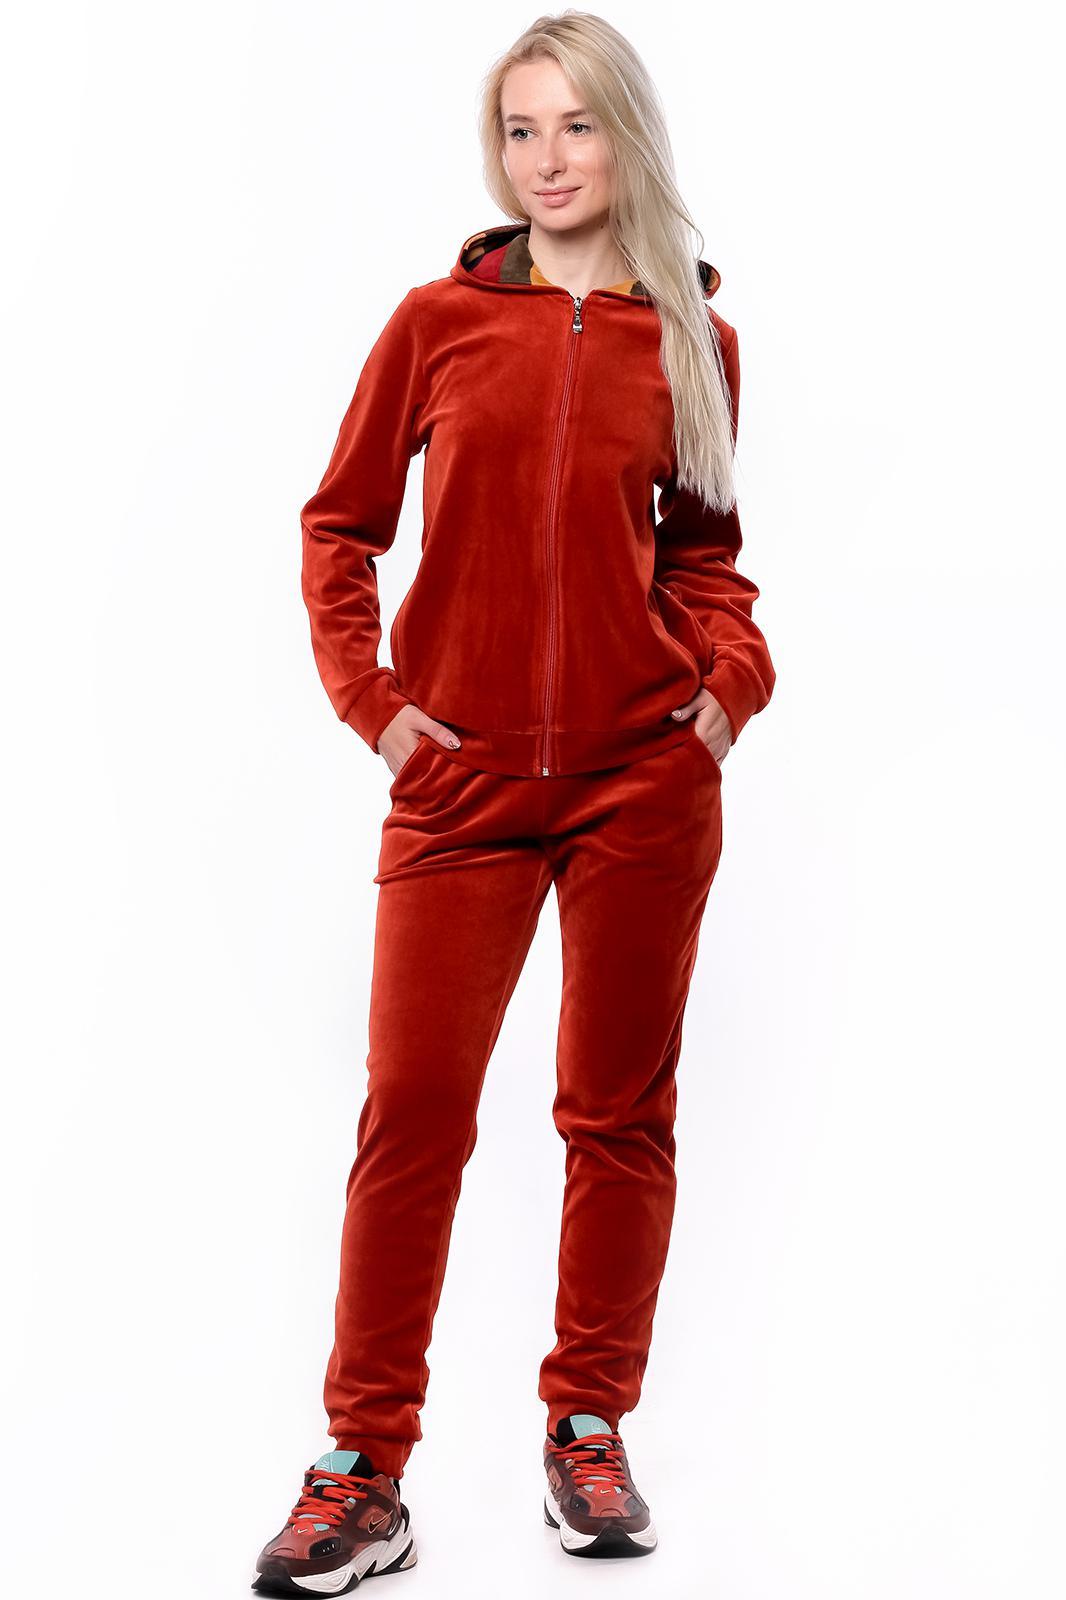 6fba8bf6 Костюмы спортивные женские брендовые 2015 купить в интернет магазине